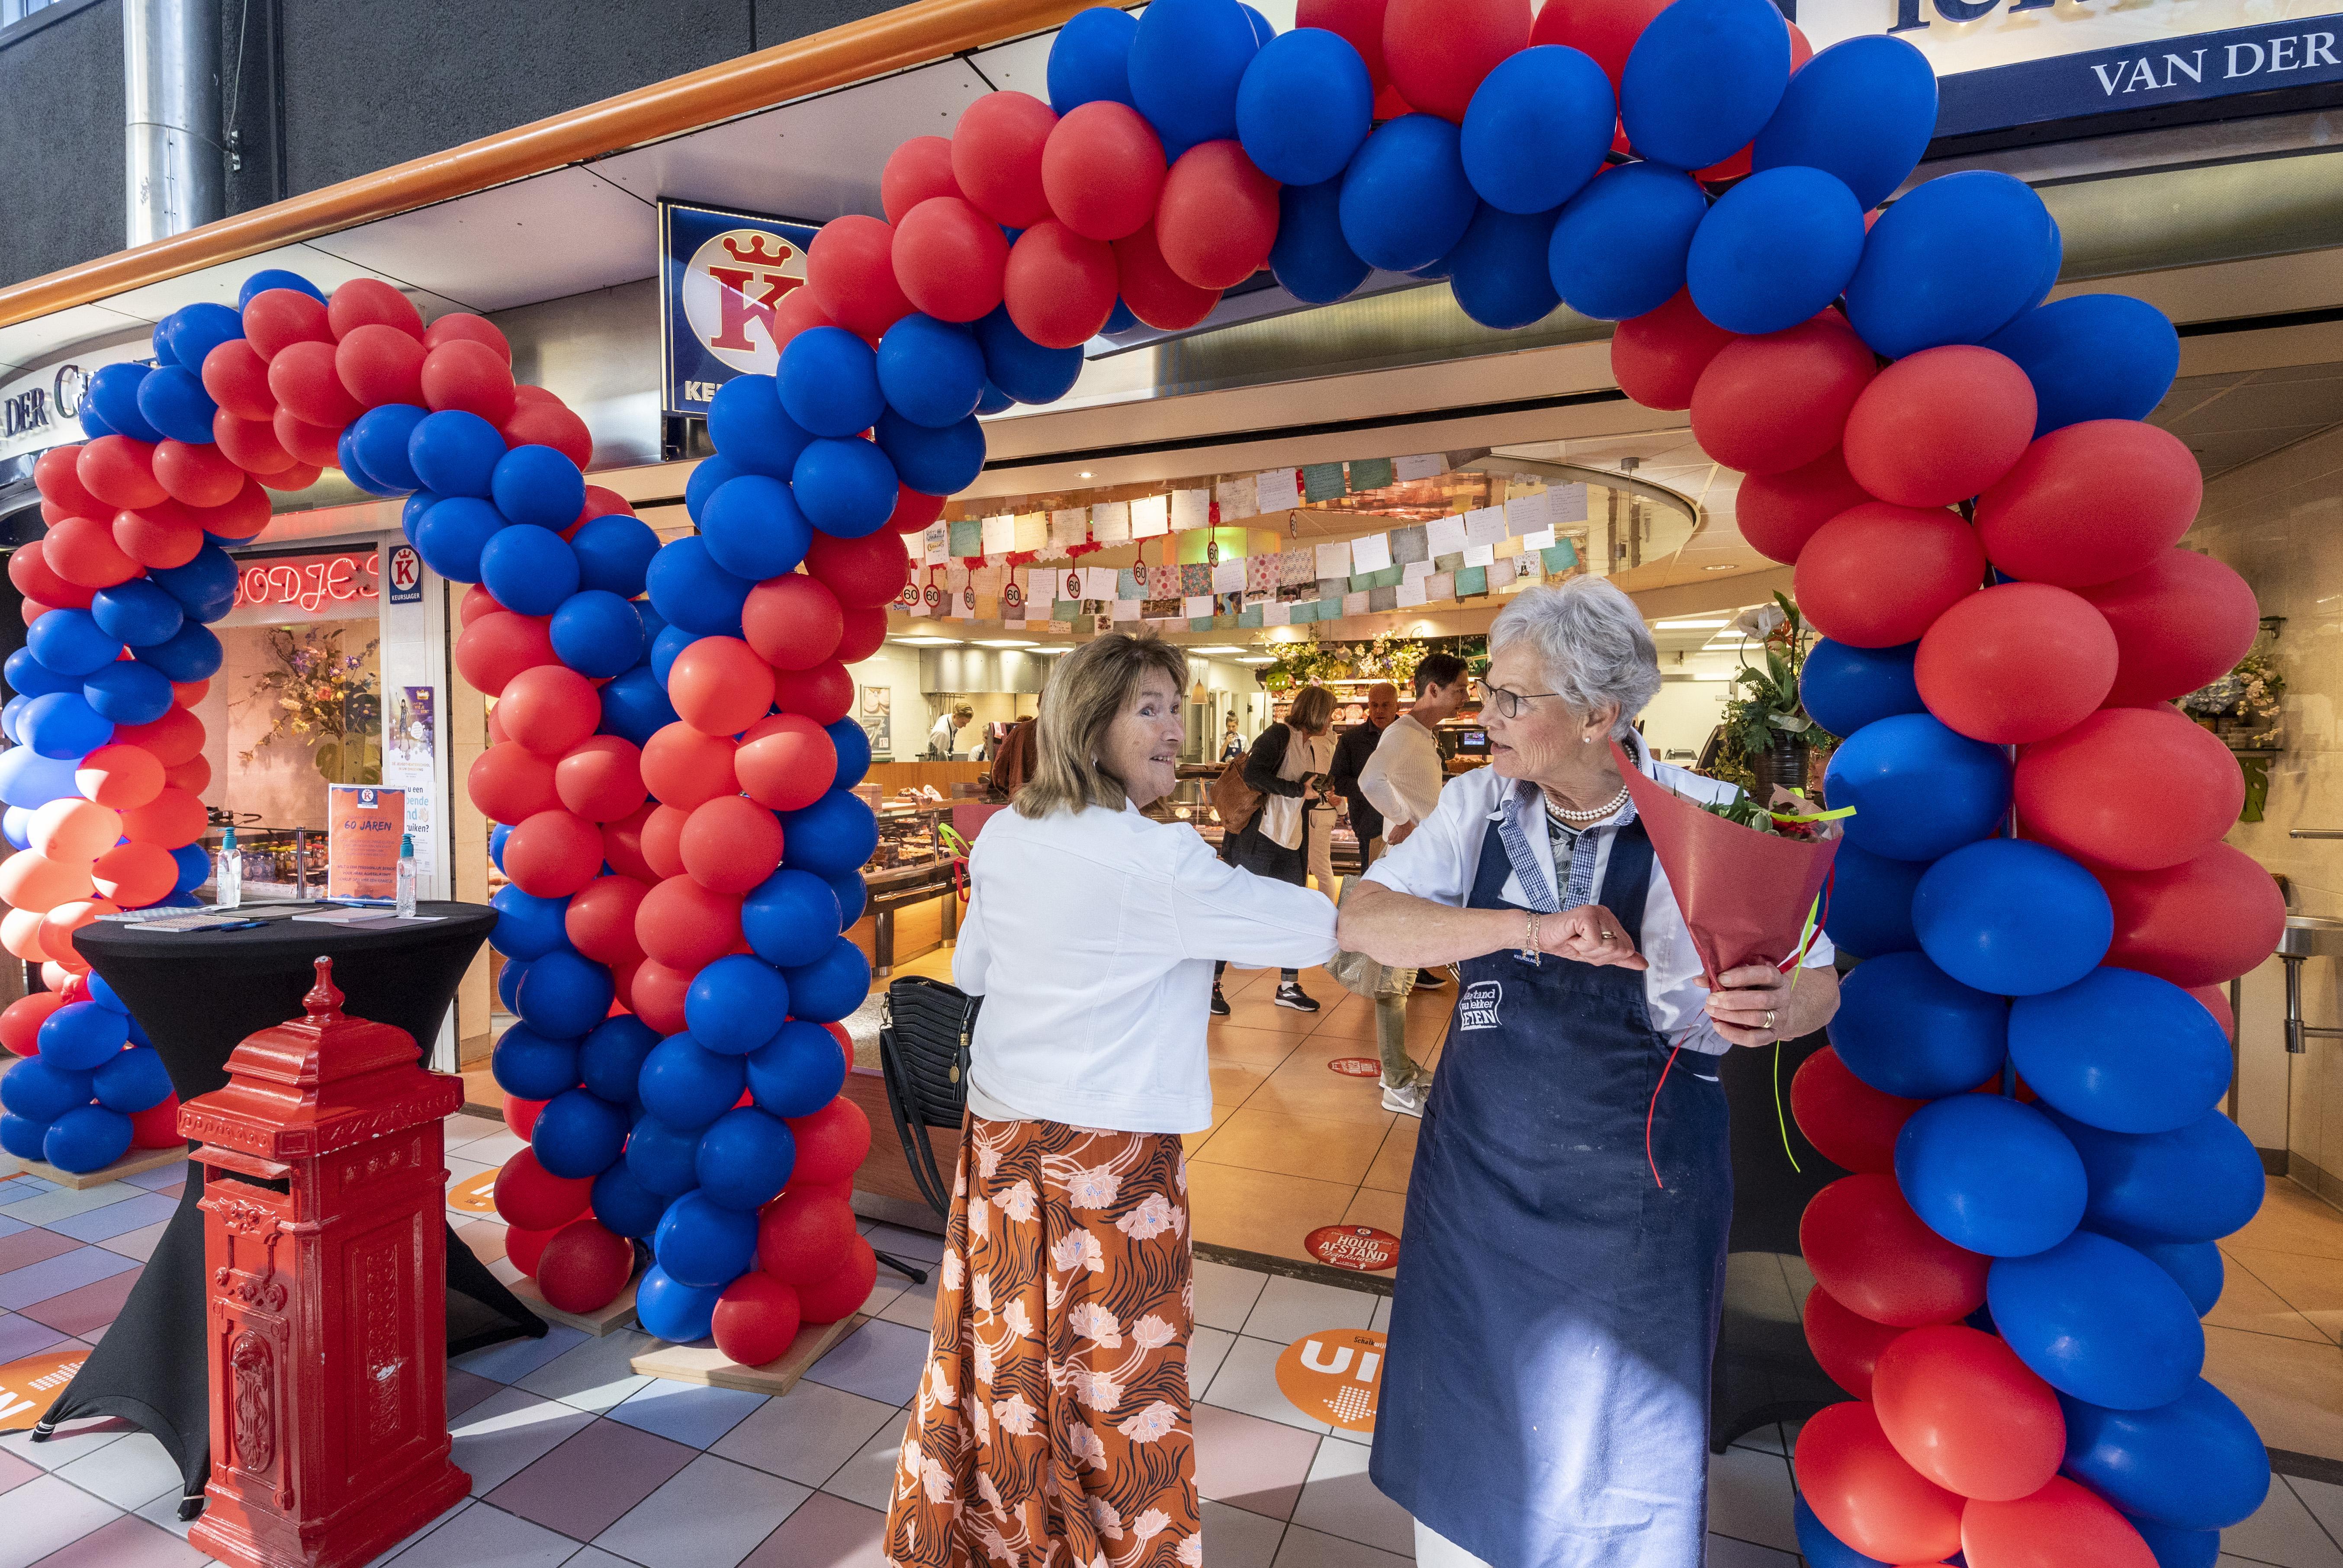 Na zestig jaar neemt 81-jarige slagersvrouw Corrie uit Bennebroek afscheid van het vak: 'Gourmetten? Wat is dat?'